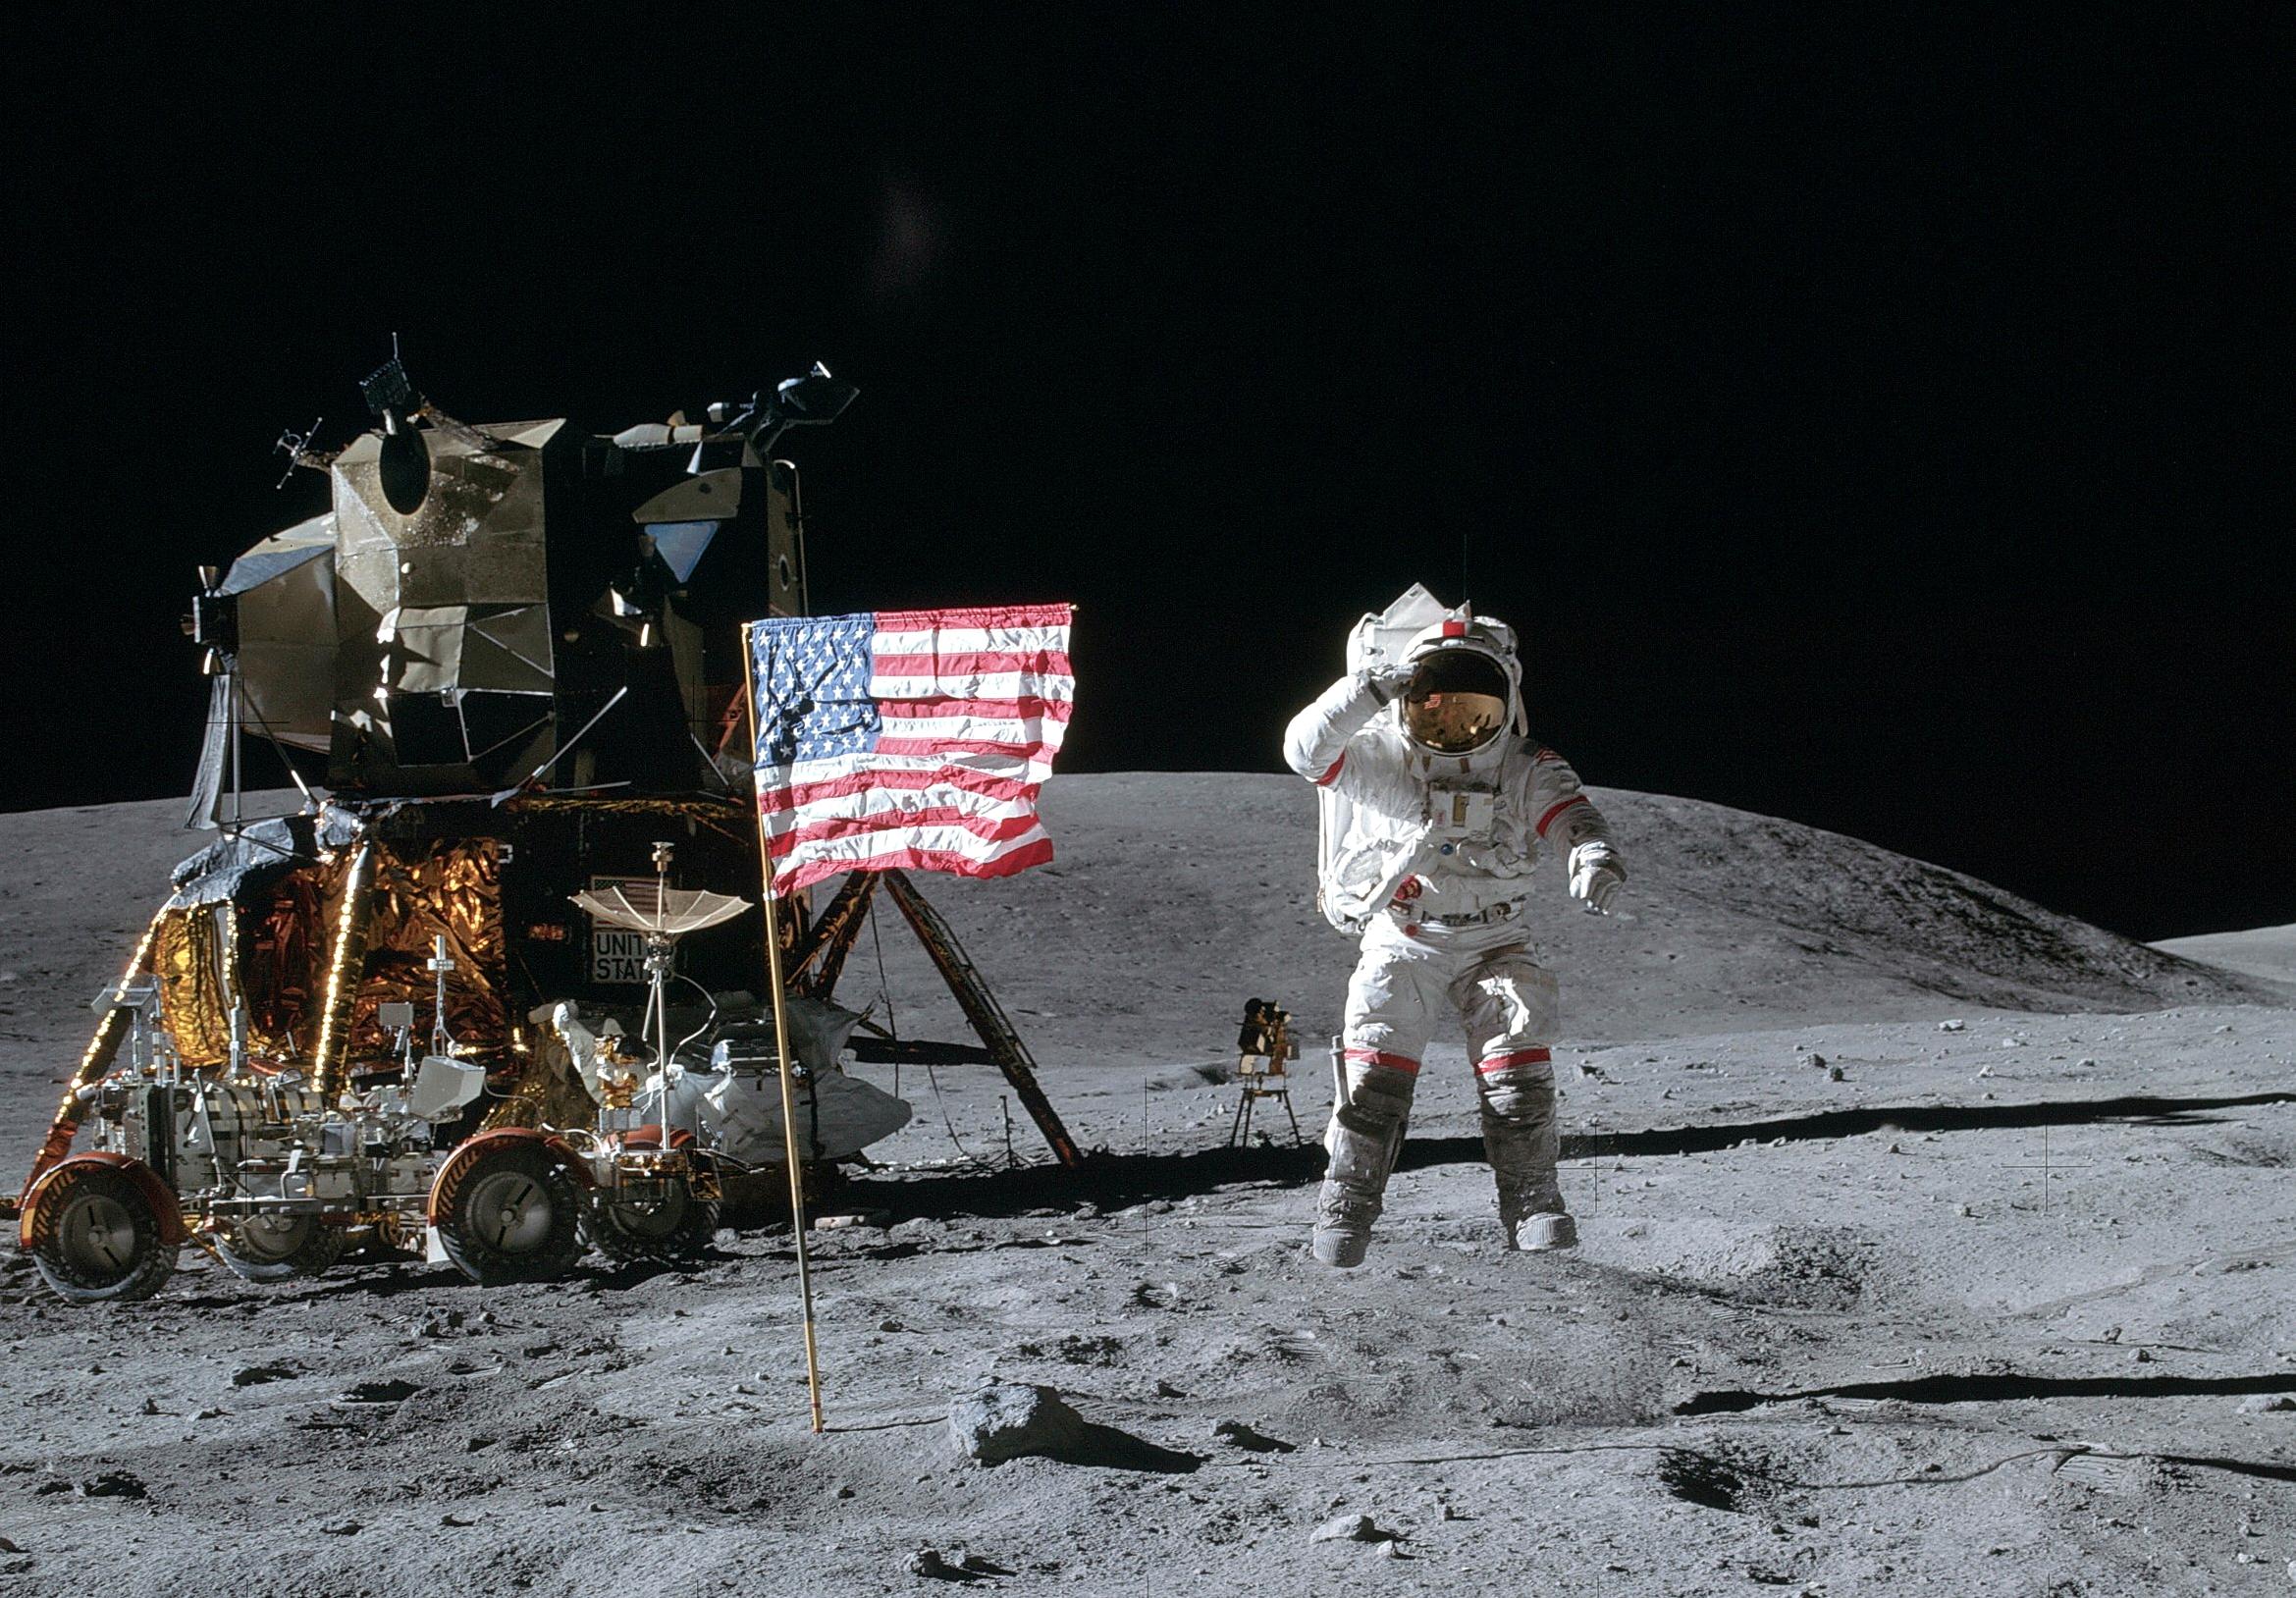 постсоветский фотографии астронавтов побывавших на луне называемый